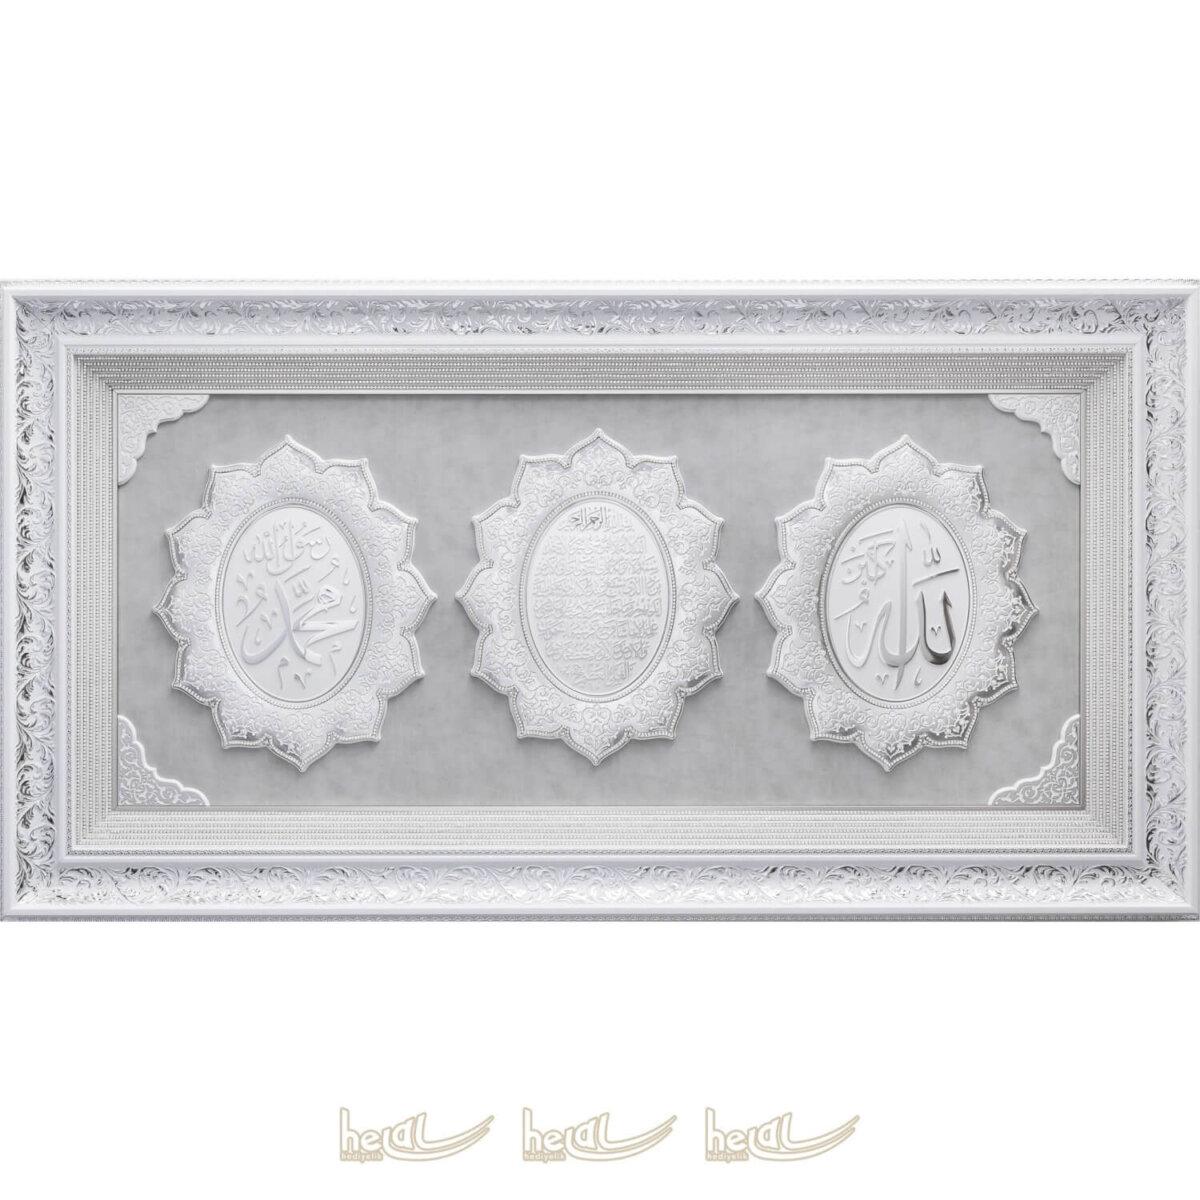 80x150cm Allah cc. – Ayetel Kürsi- Muhammed sav Yazılı Paspartusu Taşlı 3′ lü Yıldız Çerçeve Tablo Ayetli Ürünler